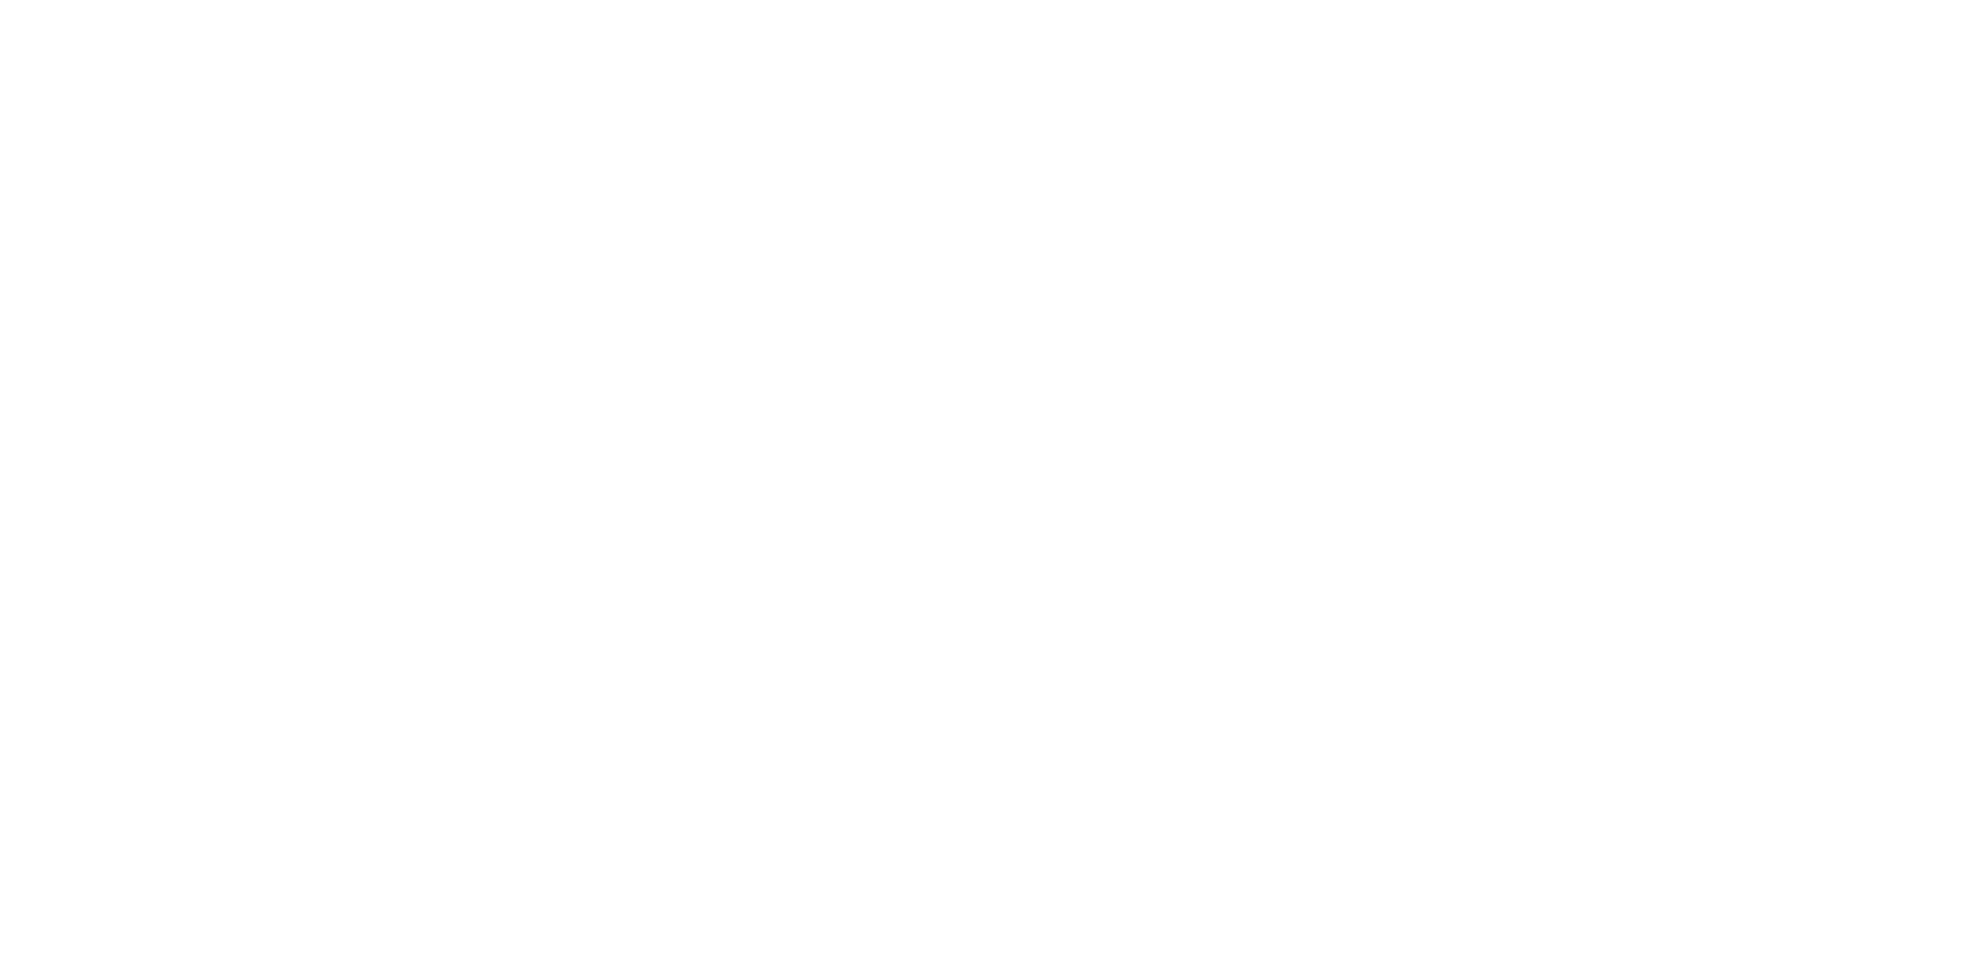 Icon Arrow Down White